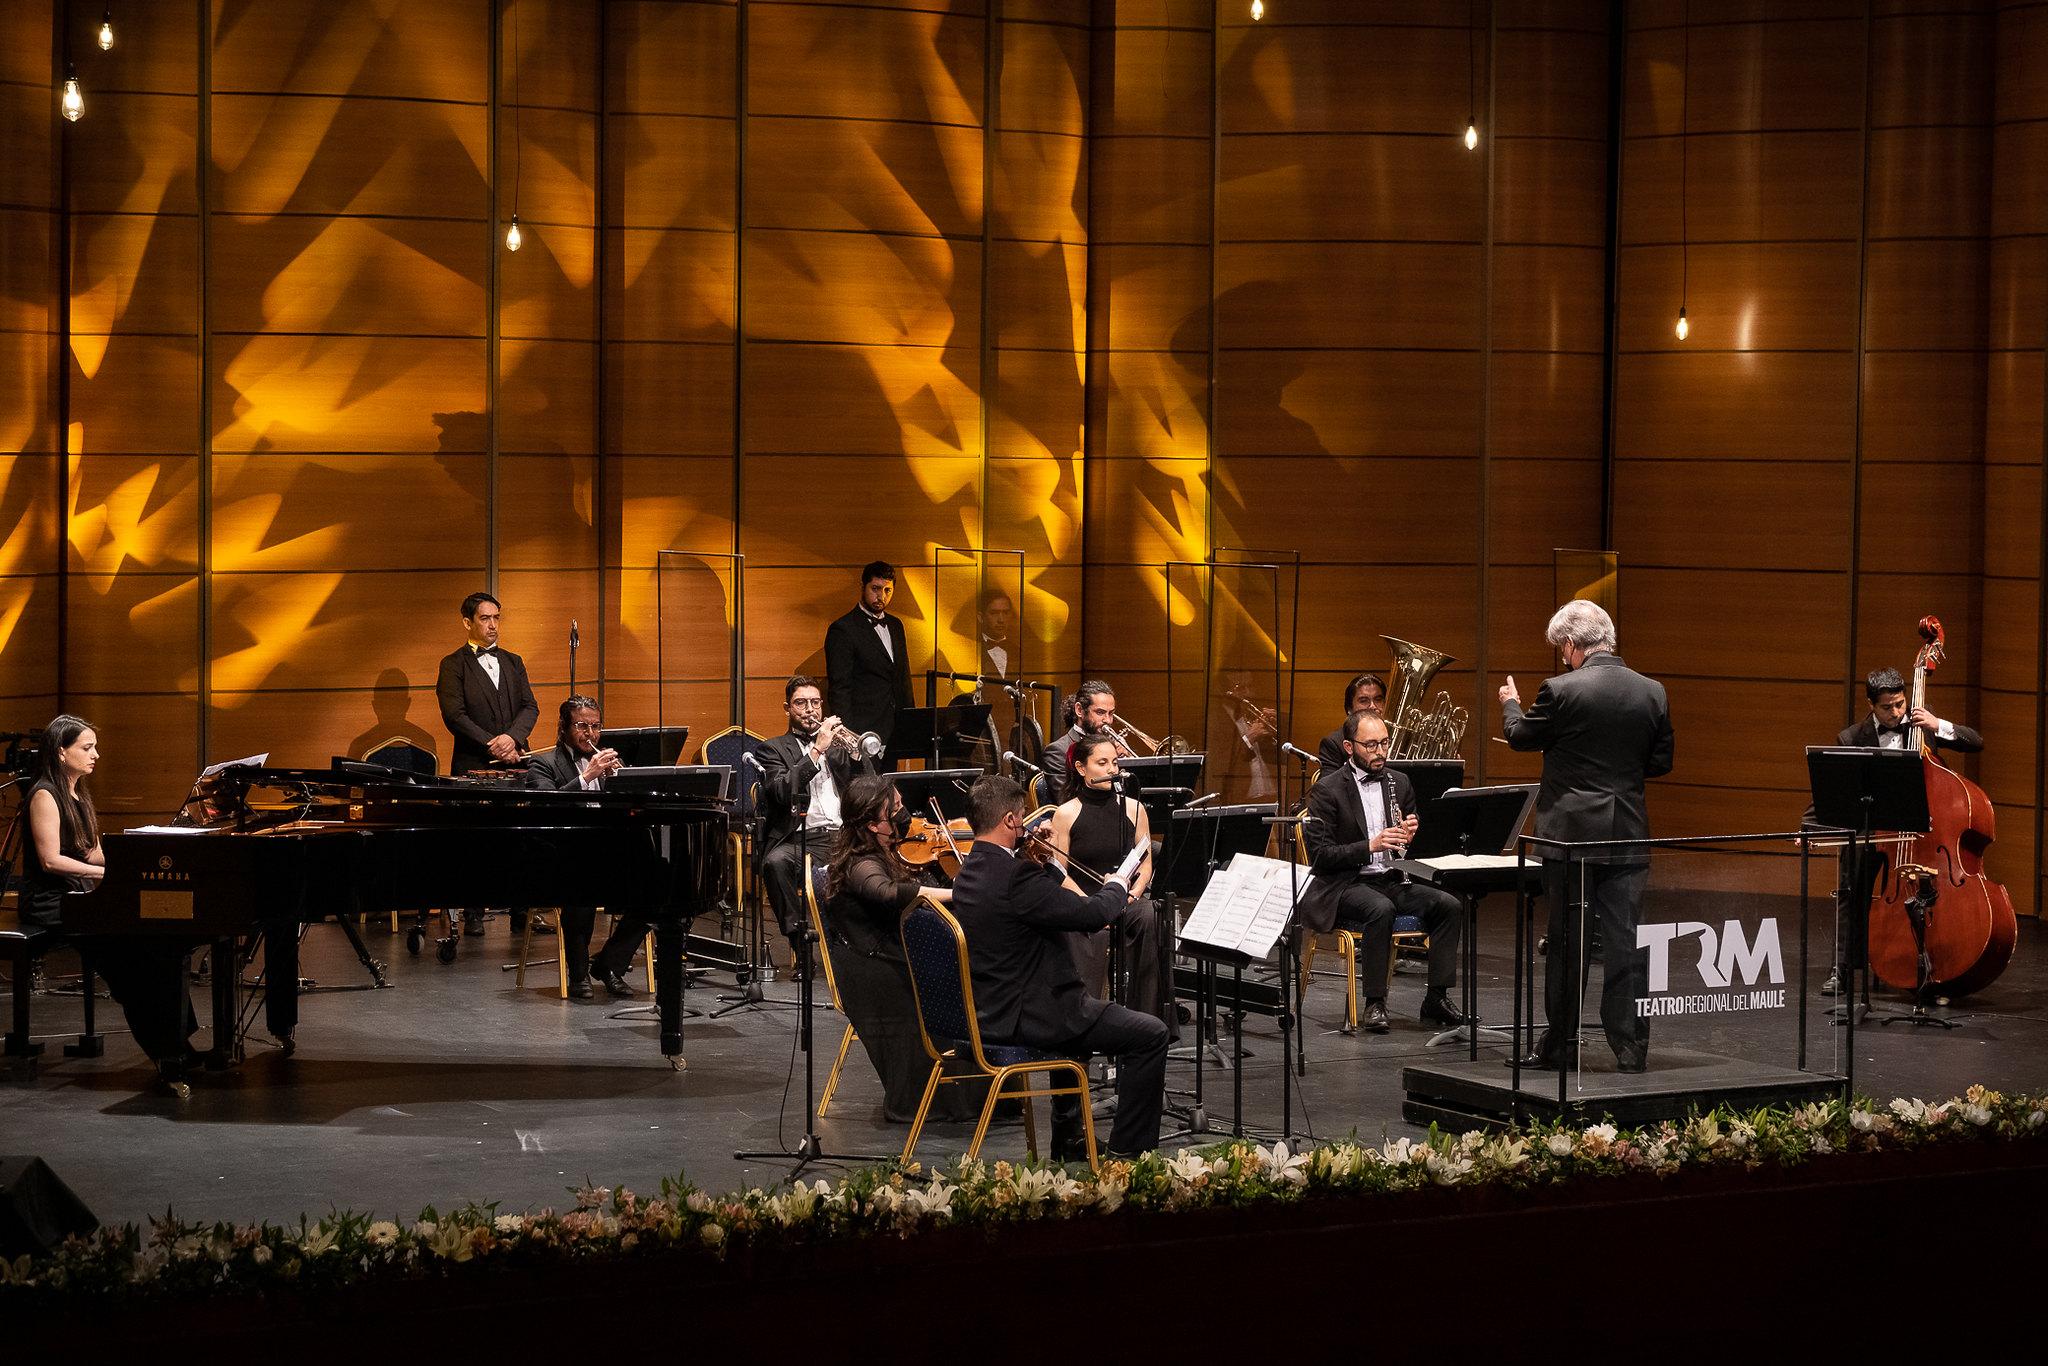 Orquesta Clásica del Maule